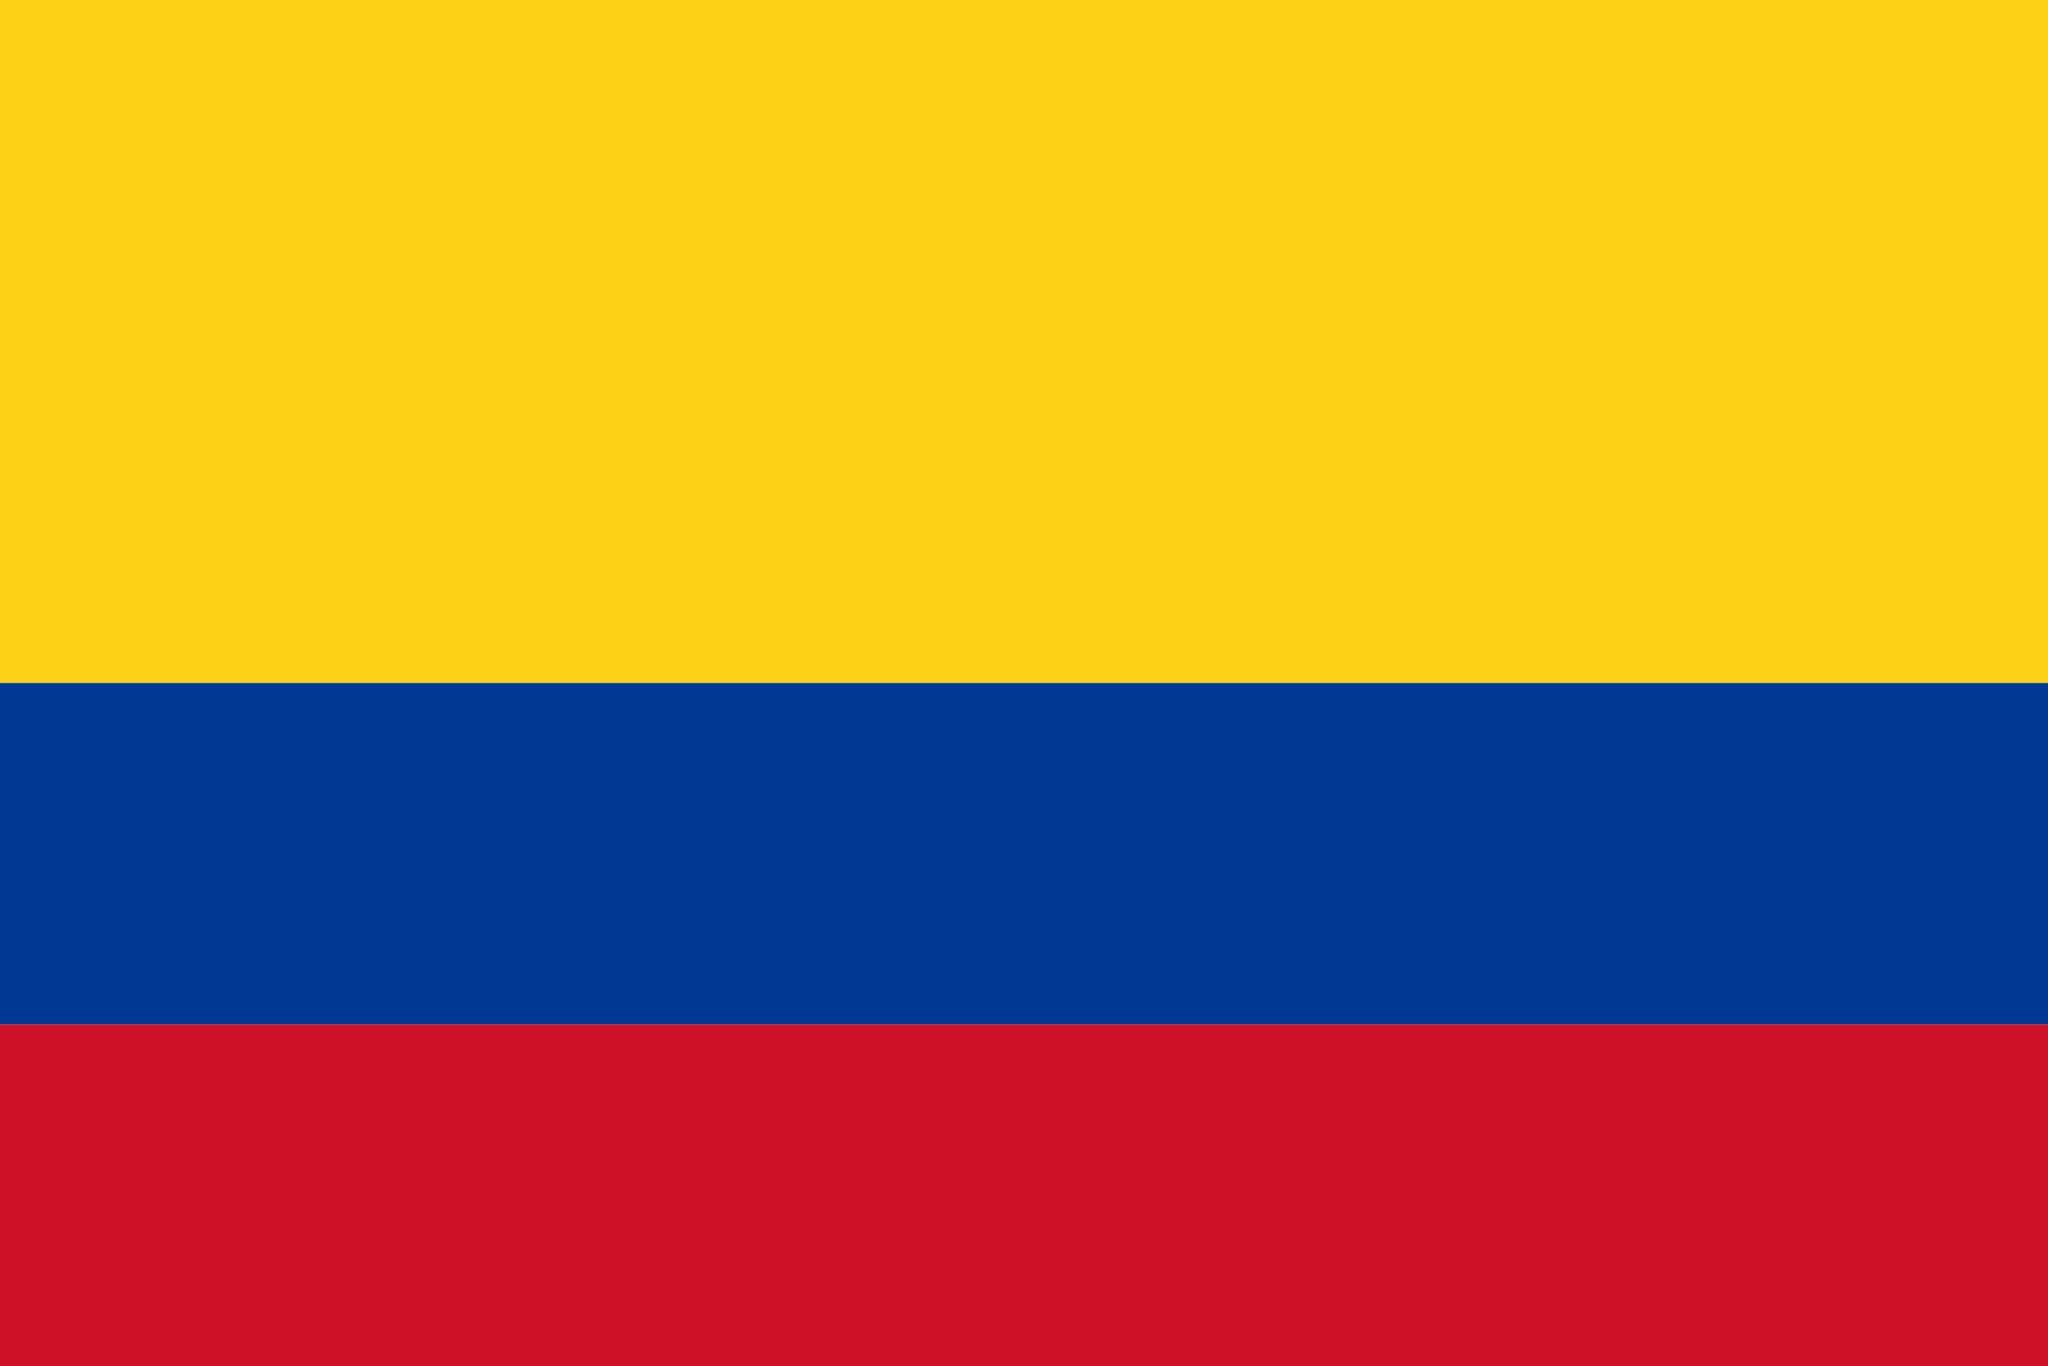 Drapeau De La Colombie, Drapeaux Du Pays Colombie intérieur Drapeaux Du Monde À Imprimer